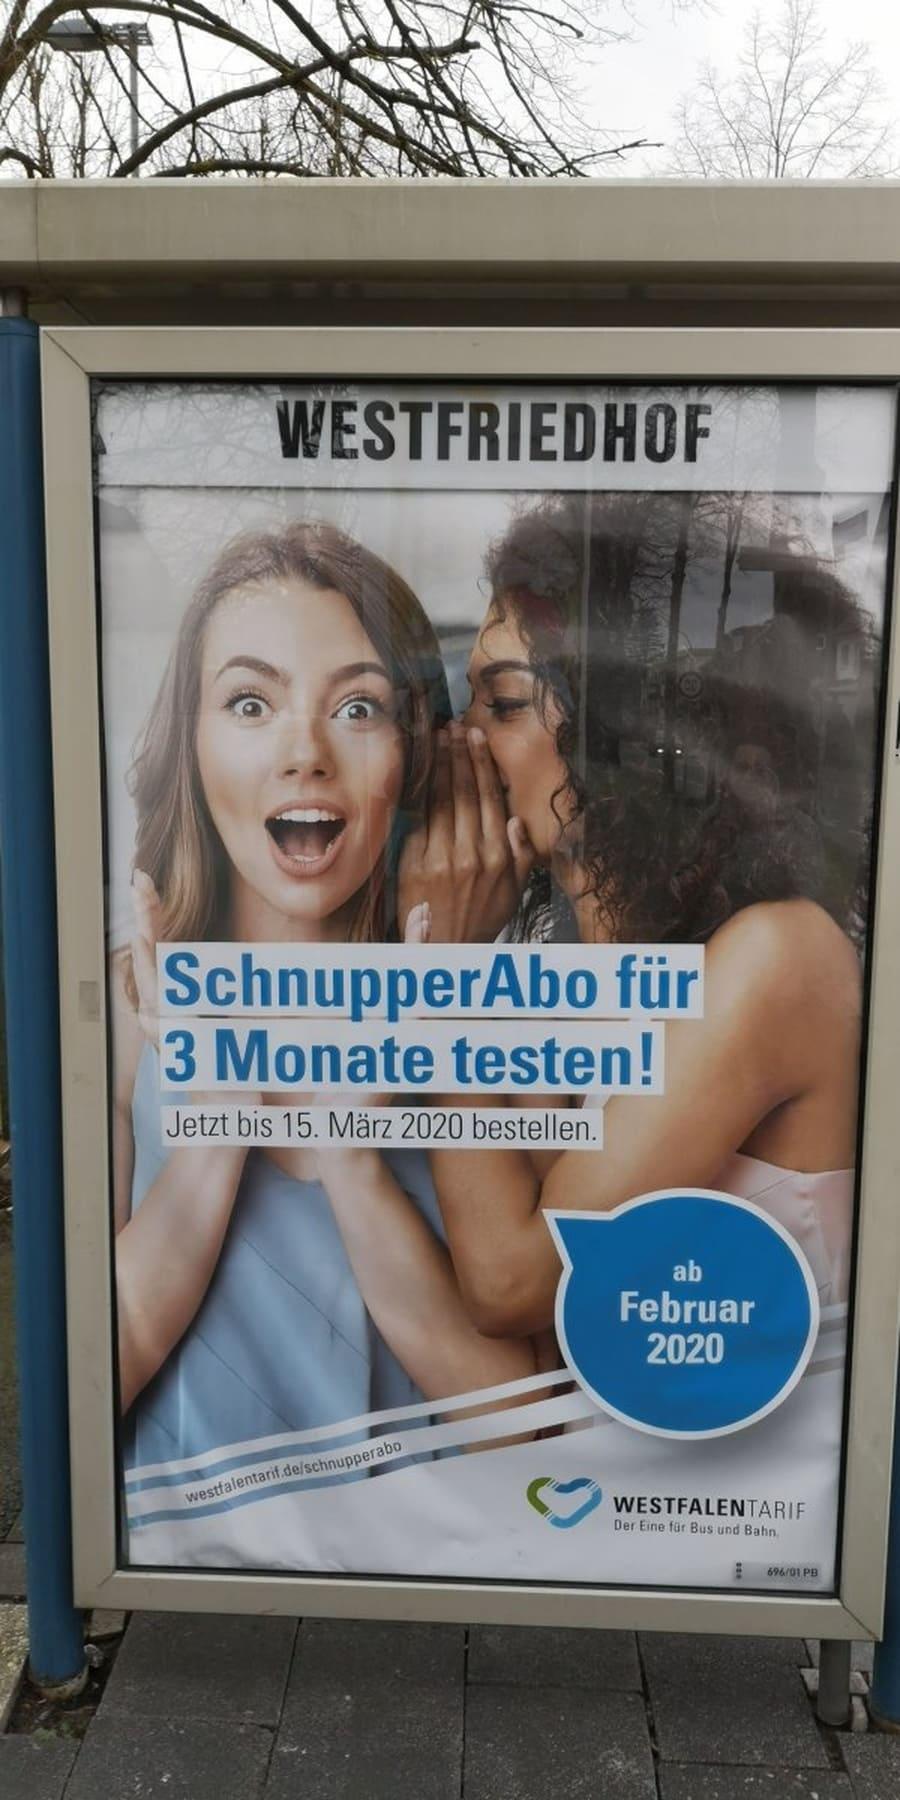 Schnupper-Abo für den Friedhof? | Lustiges | Was is hier eigentlich los?